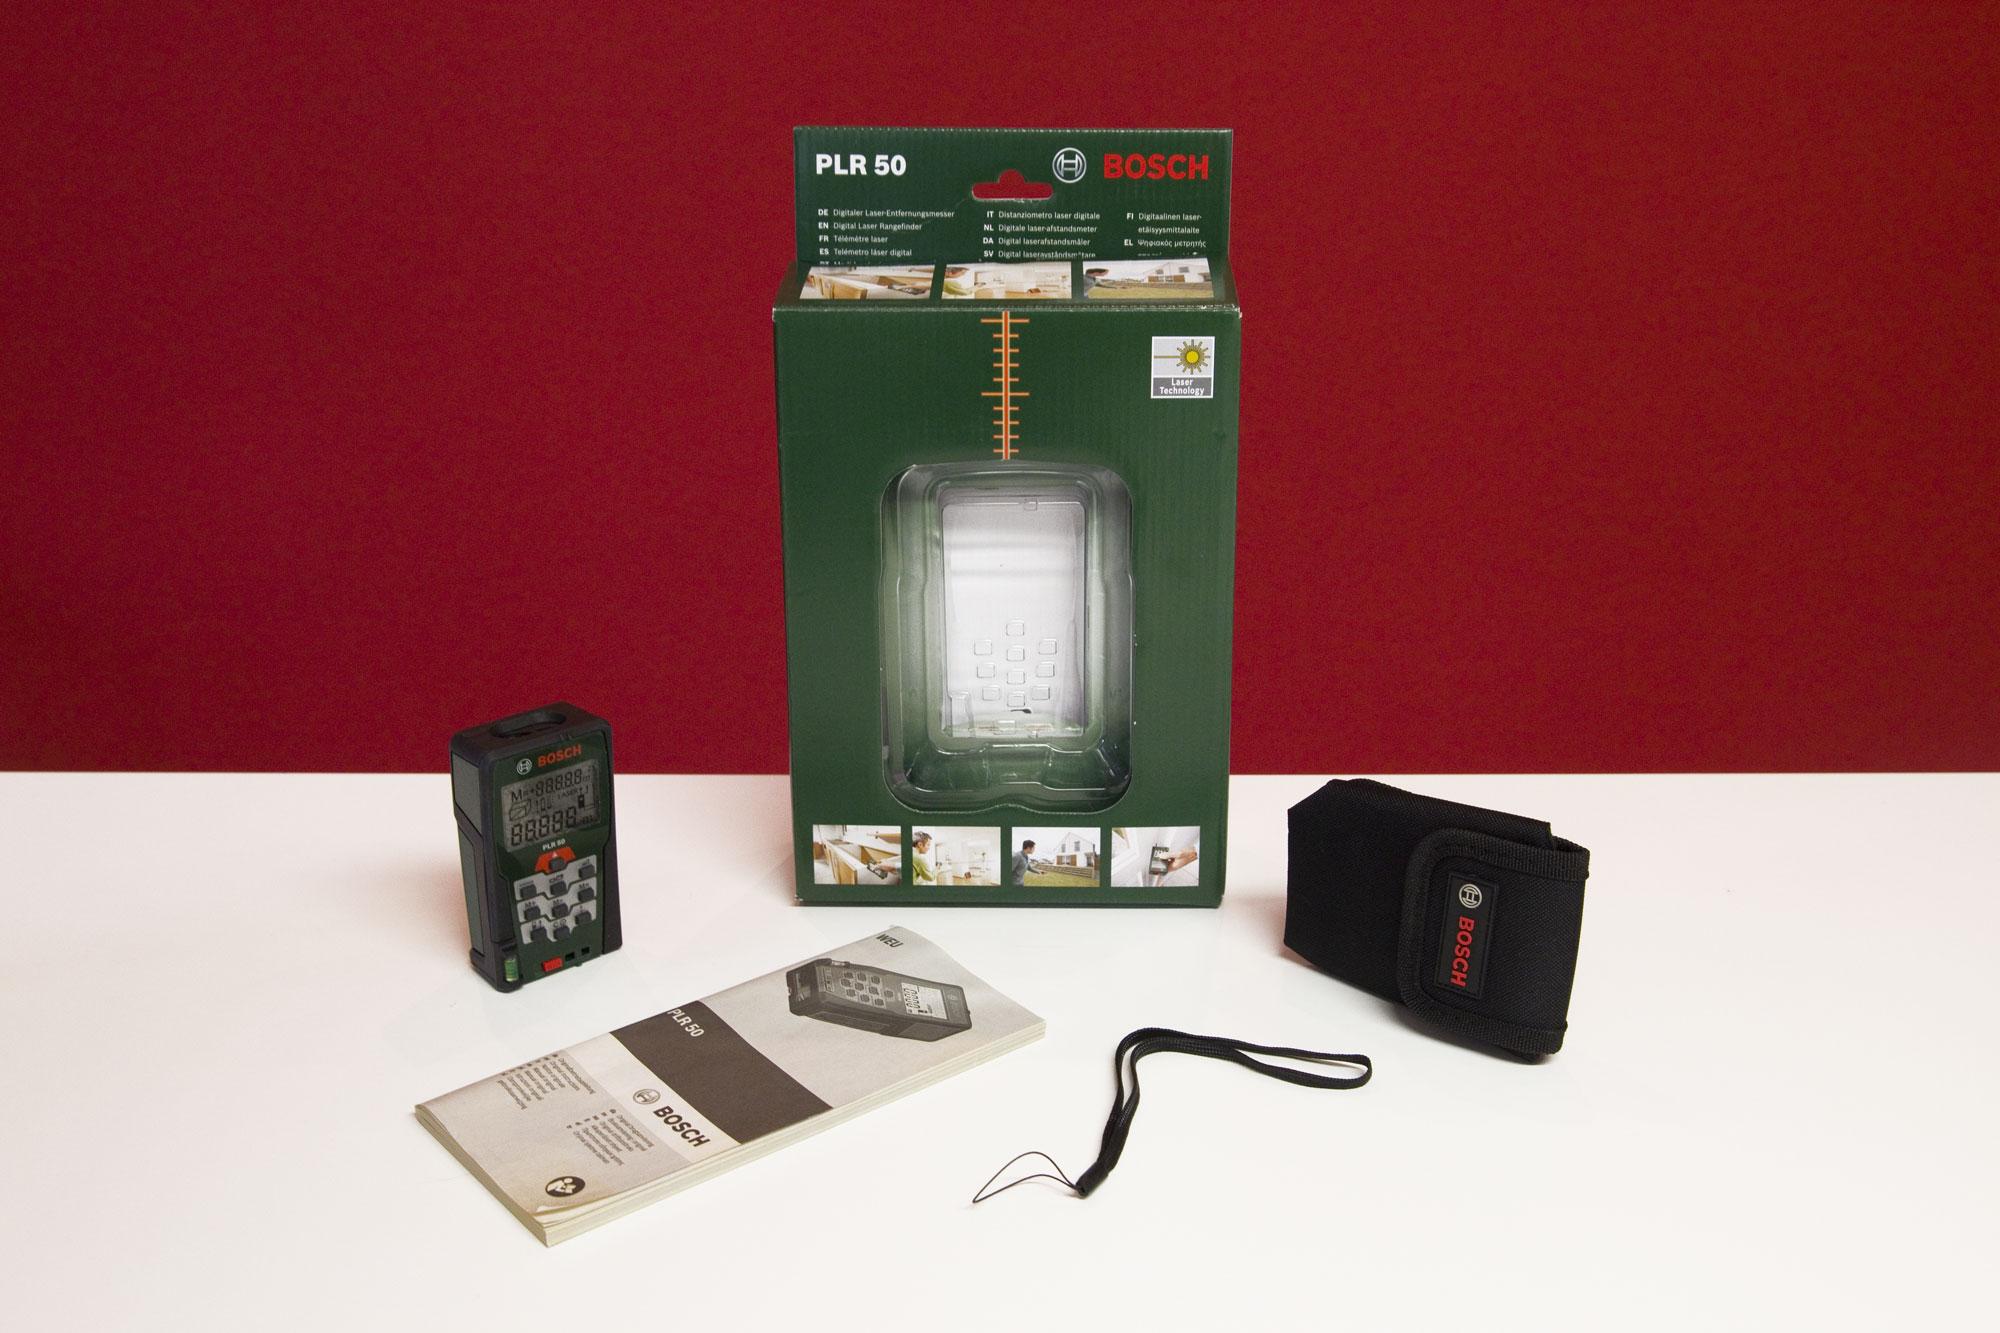 Bosch Laser Entfernungsmesser Zamo Ii Test : Digitaler entfernungsmesser bosch: laser bosch plr